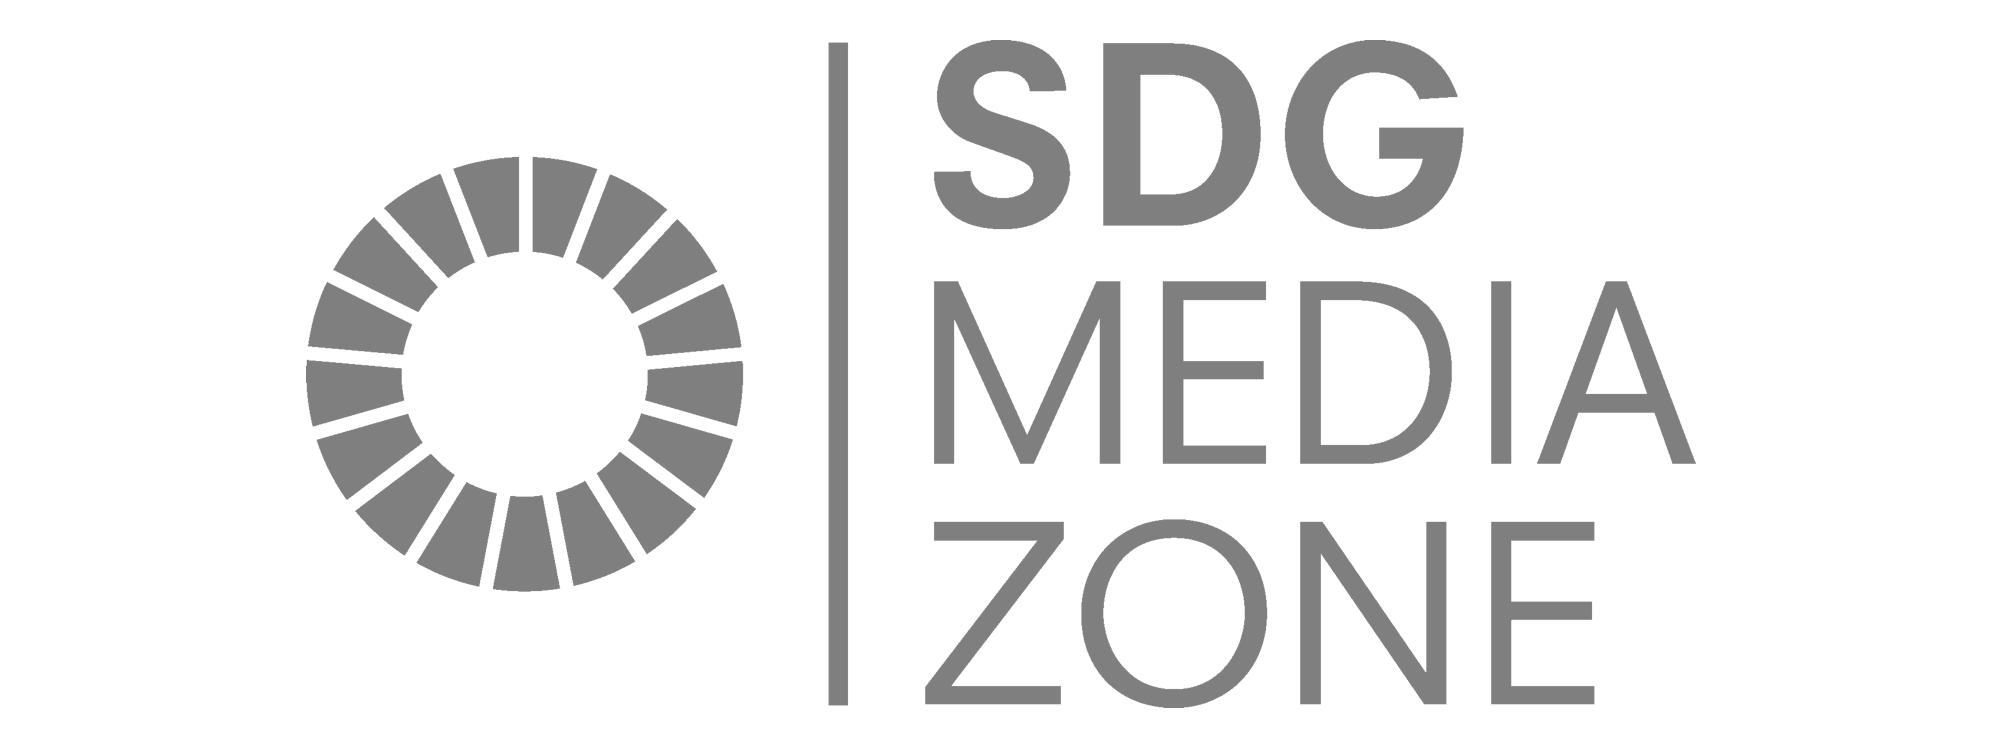 SDG media Copy 2.jpg